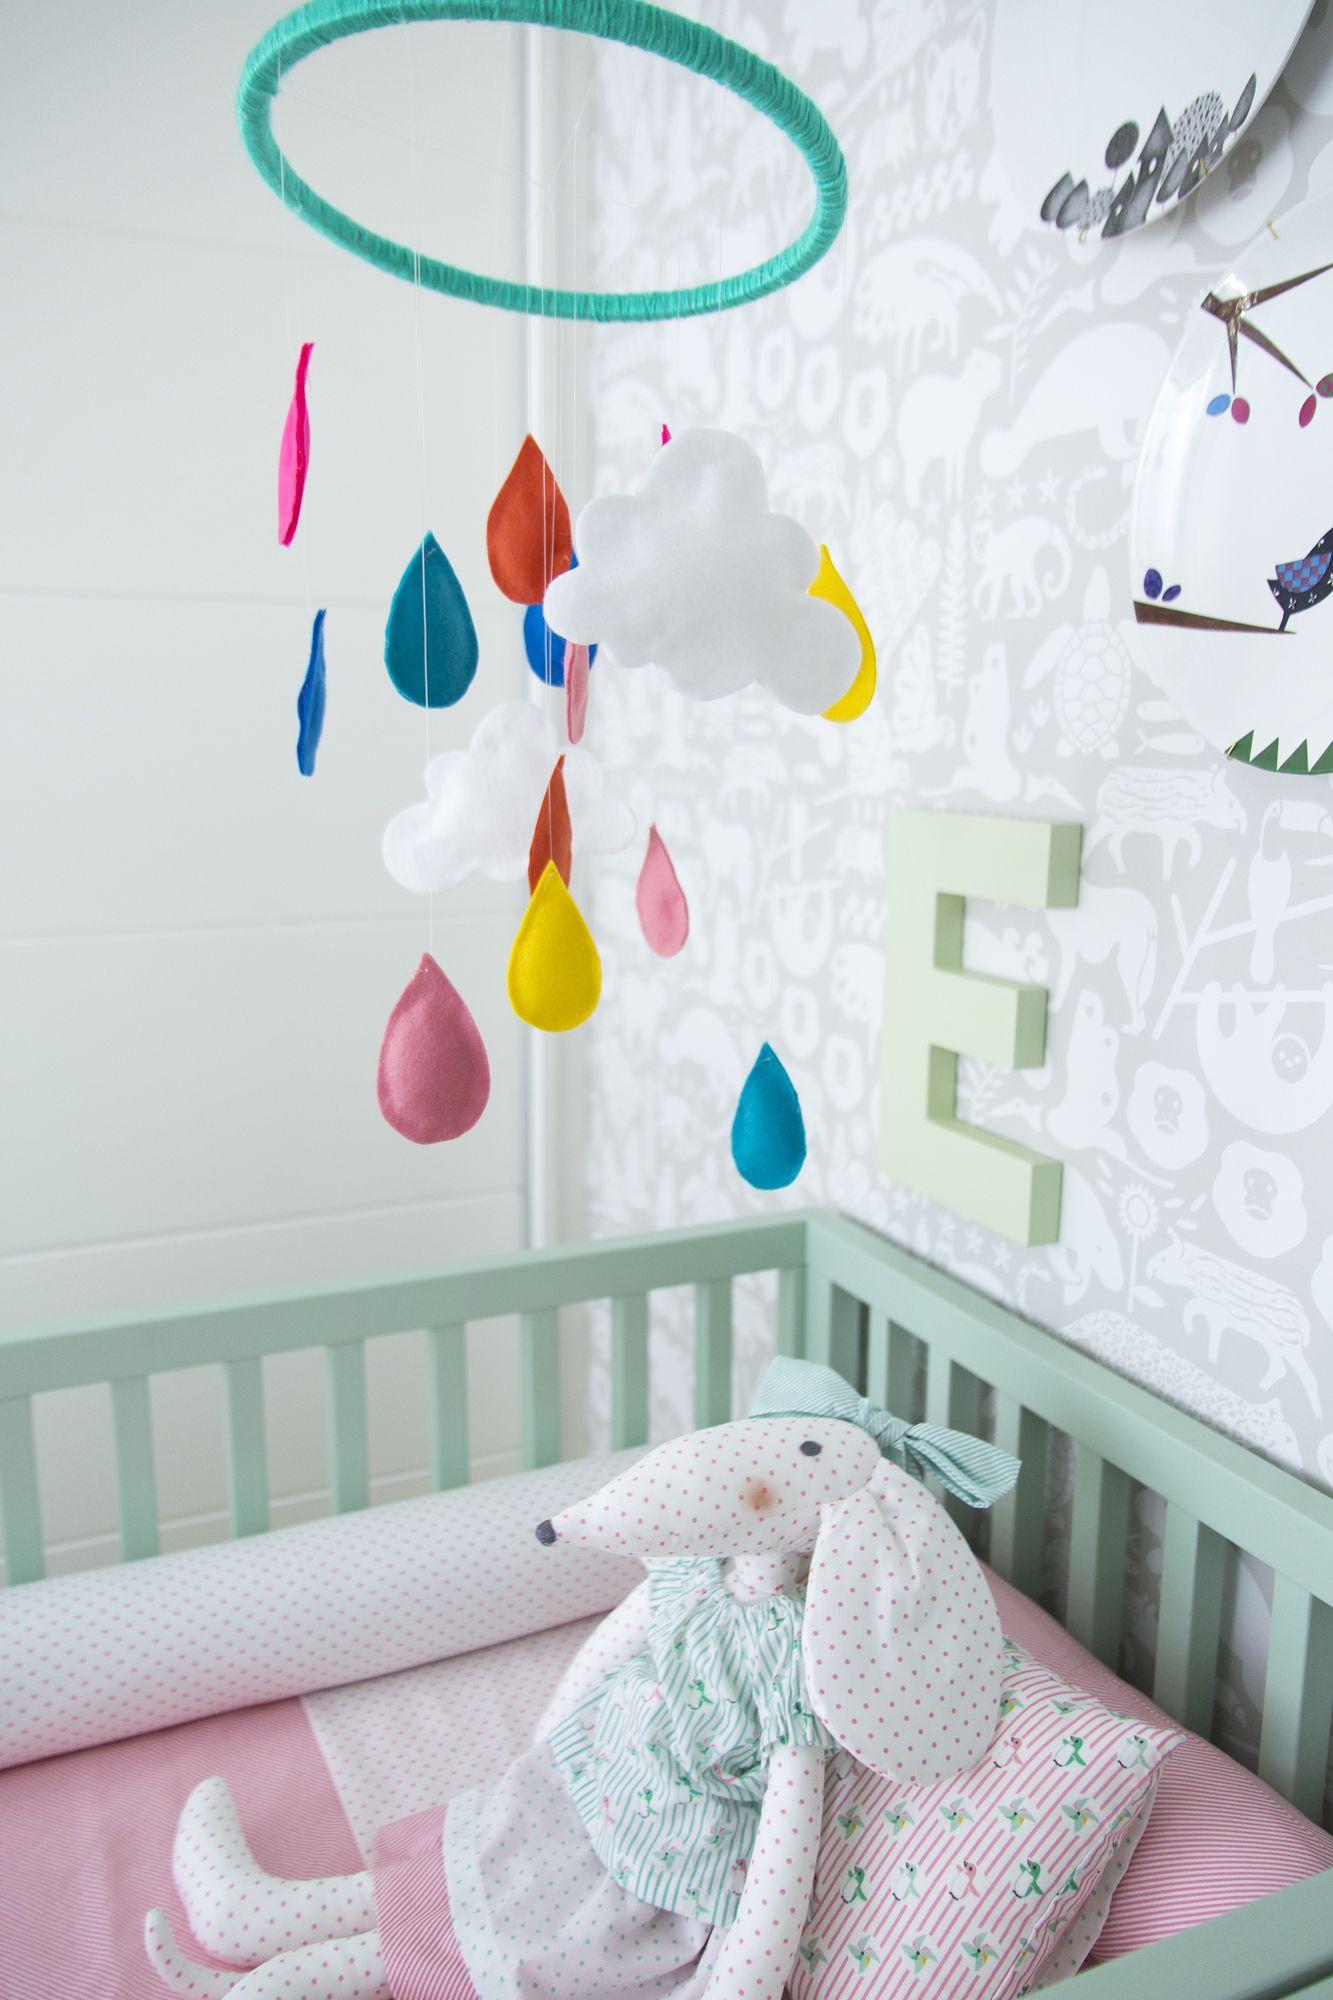 Decora Rosenbaum Temporada 3 - Quarto de bebê. Composição de enxoval de berço rosa e verde e móbile gotas. Foto: Felipe Felco Valle